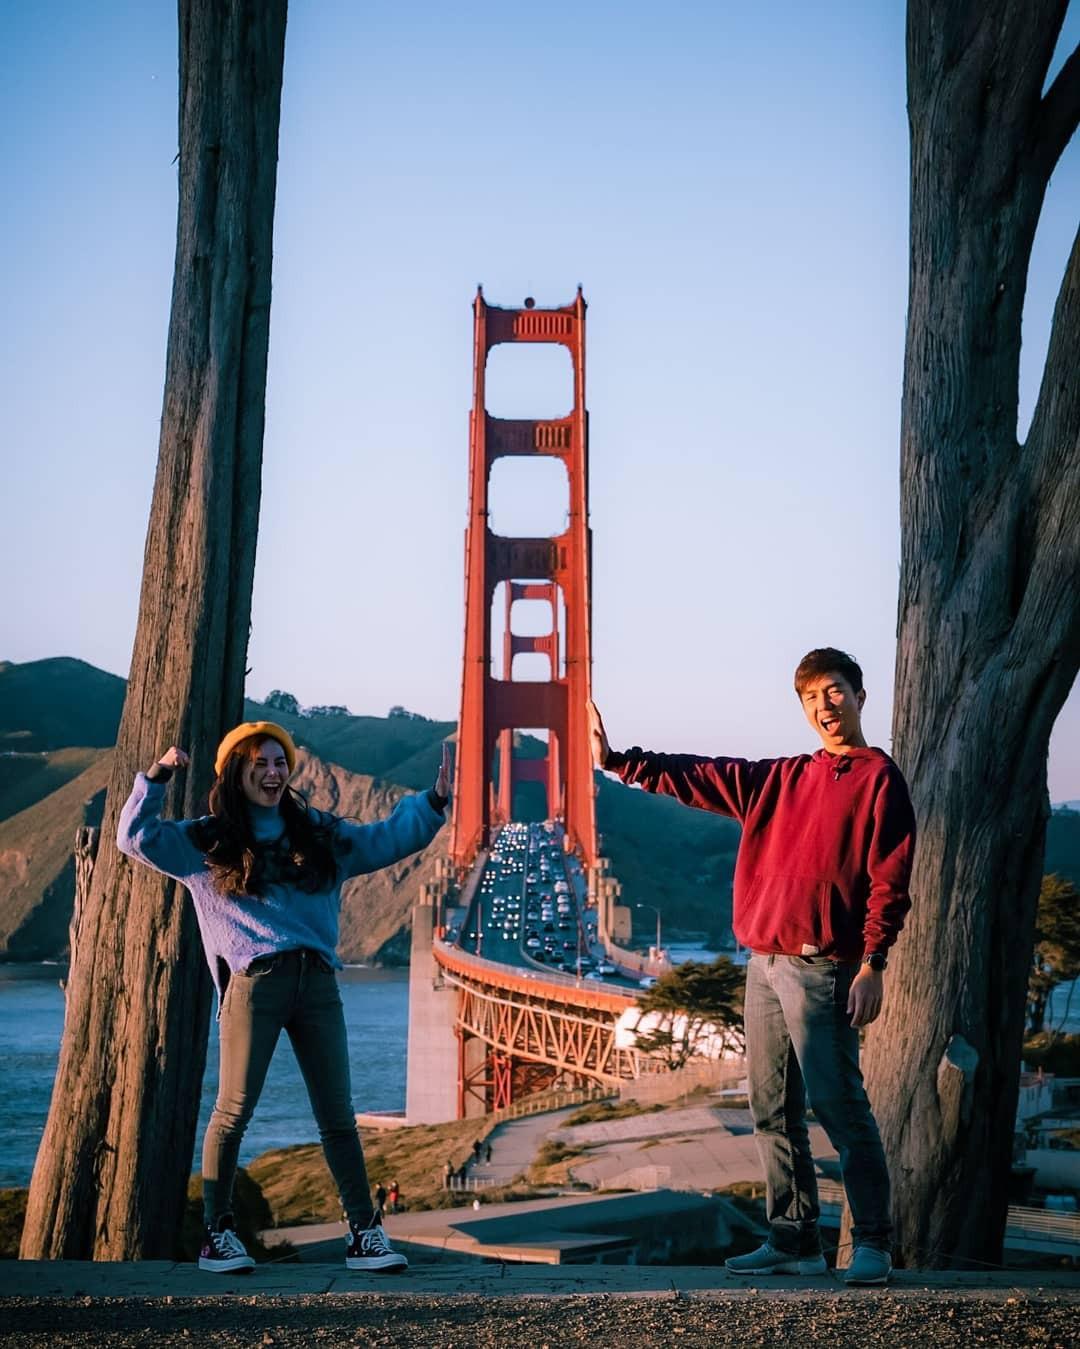 Lên hình đẹp là thế nhưng ít ai biết cây cầu này lại được mệnh danh là bãi tự sát của nước Mỹ - Ảnh 9.